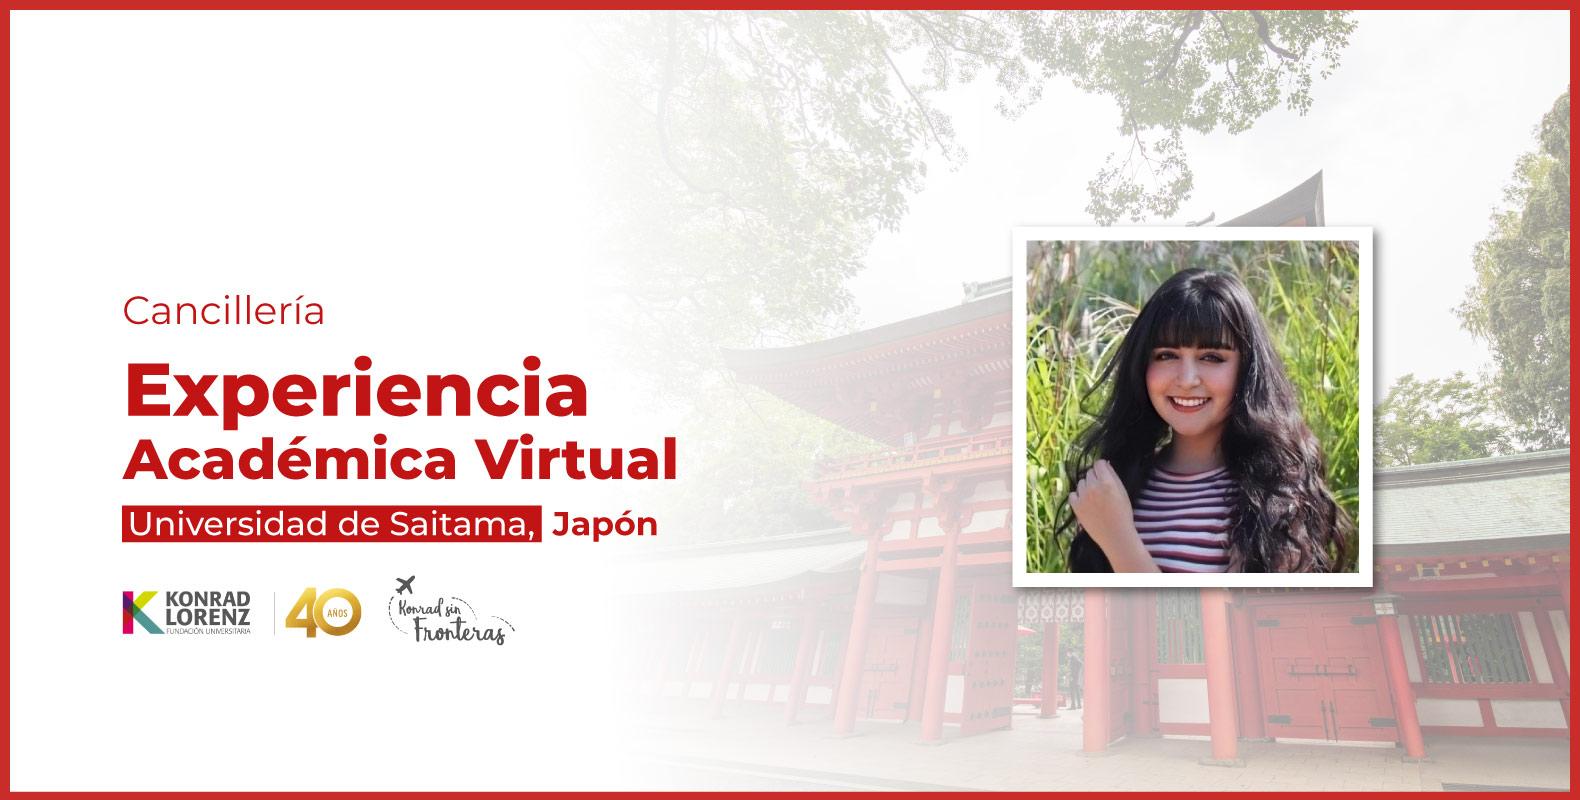 Experiencia Académica Virtual en la Universidad de Saitama, Japón